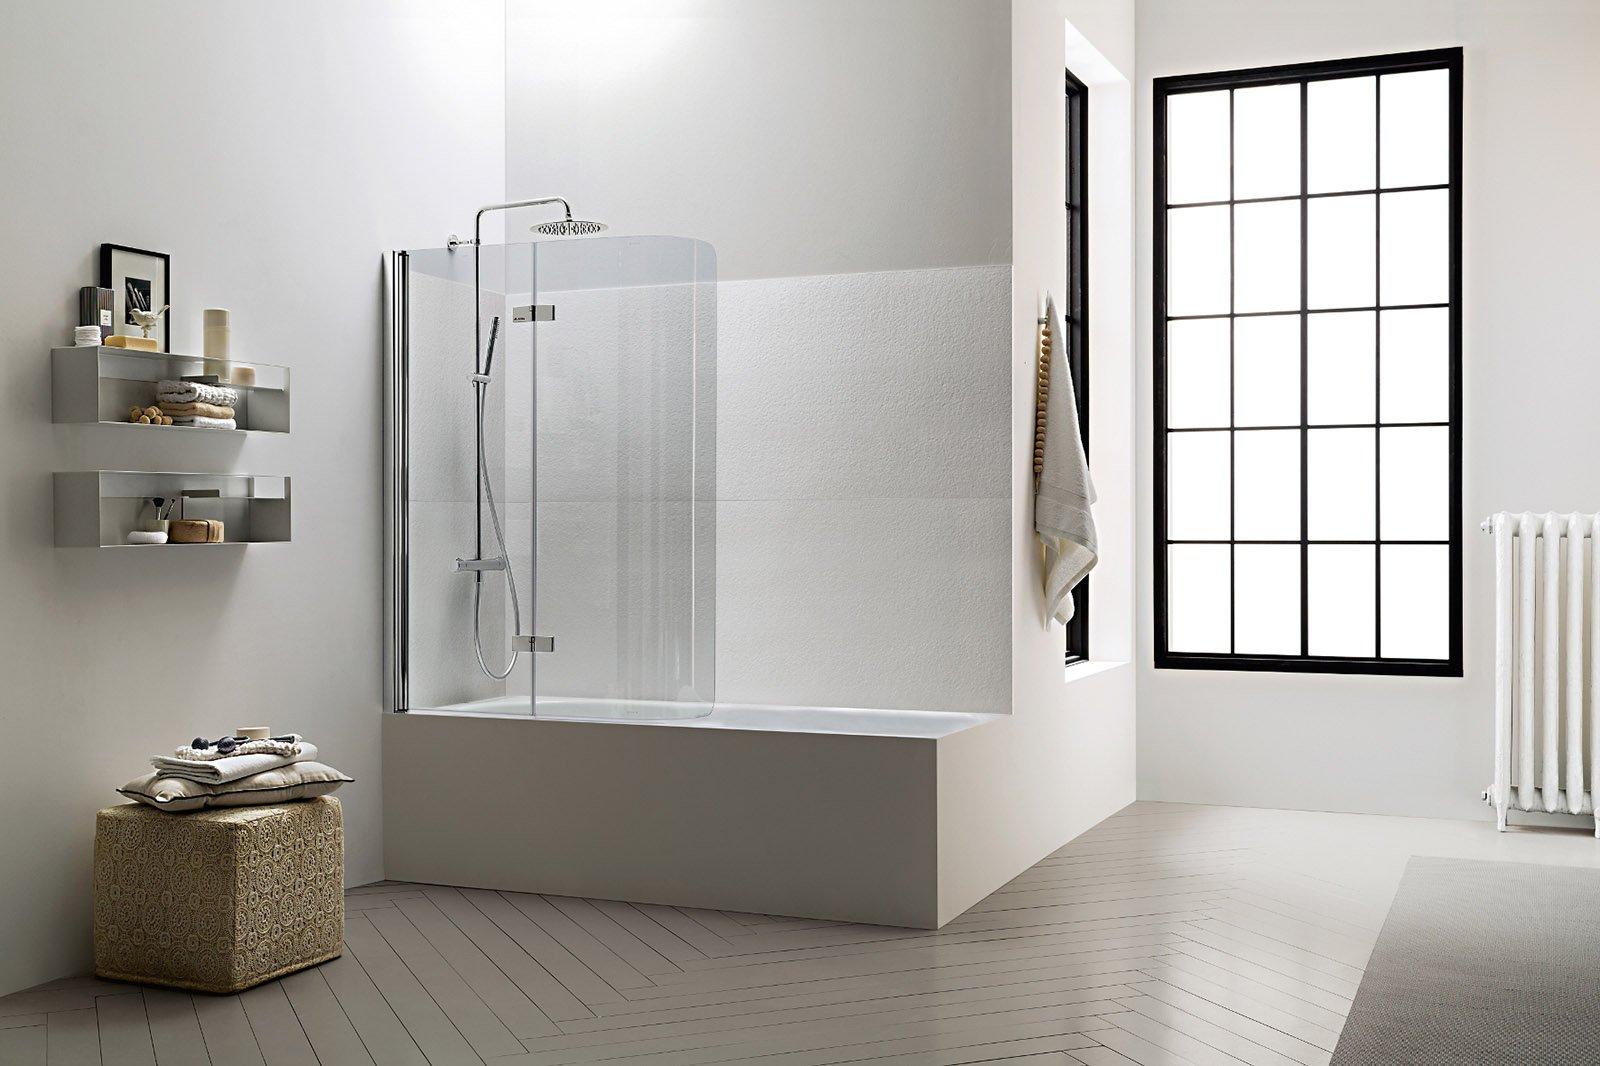 La doccia nella vasca aggiungendo un pannello cose di casa